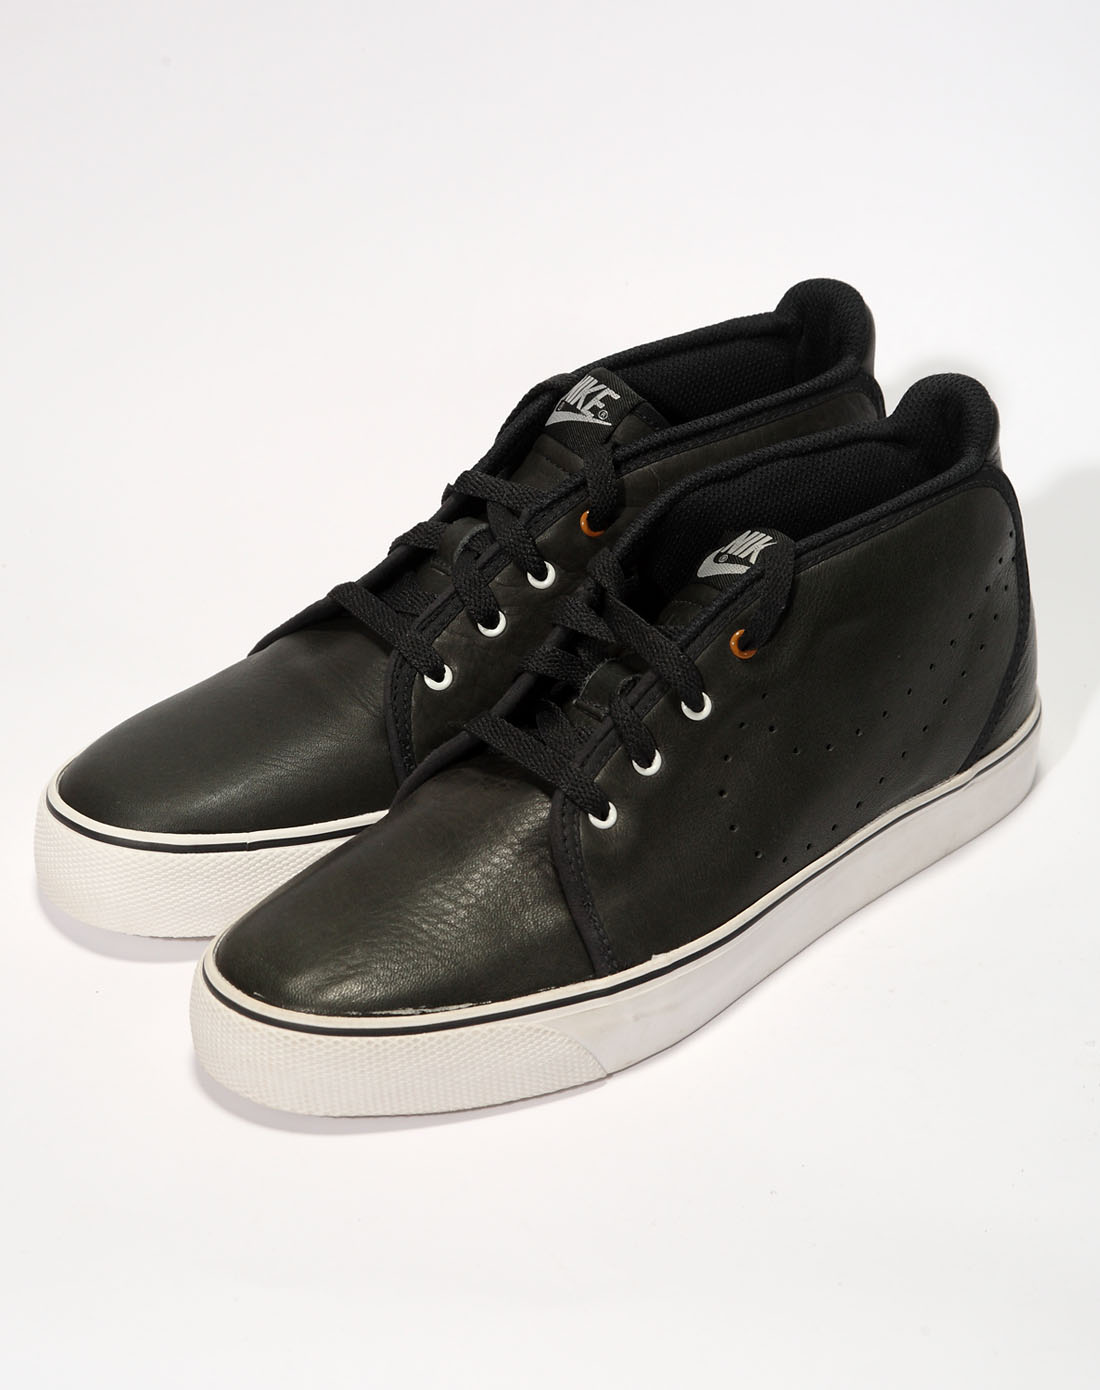 耐克nike-男子黑色复古鞋429774-001